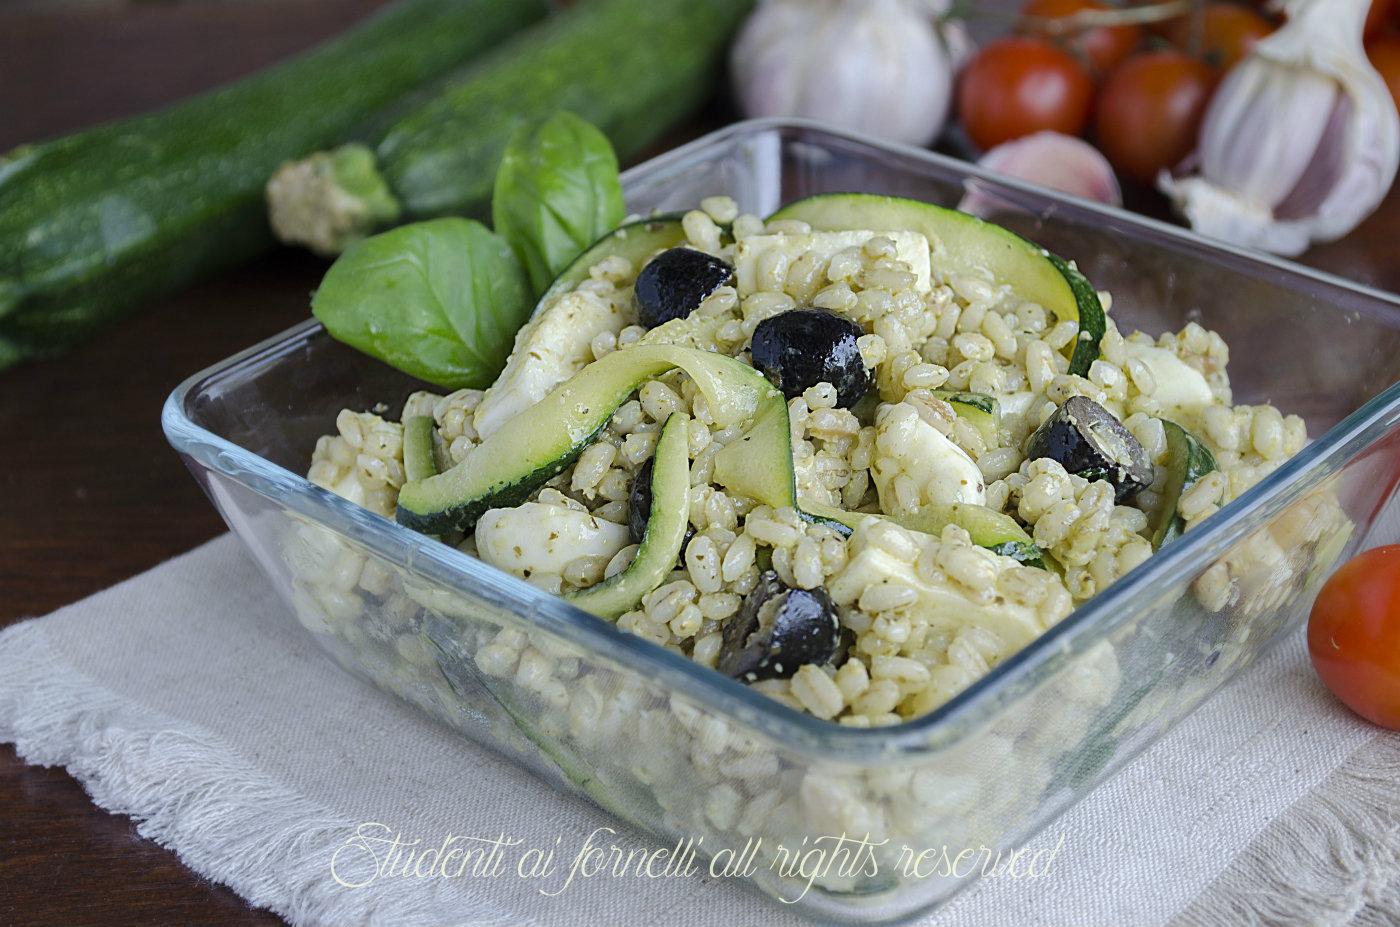 Favoloso Orzo freddo al pesto con zucchine olive e mozzarella, ricetta NB02